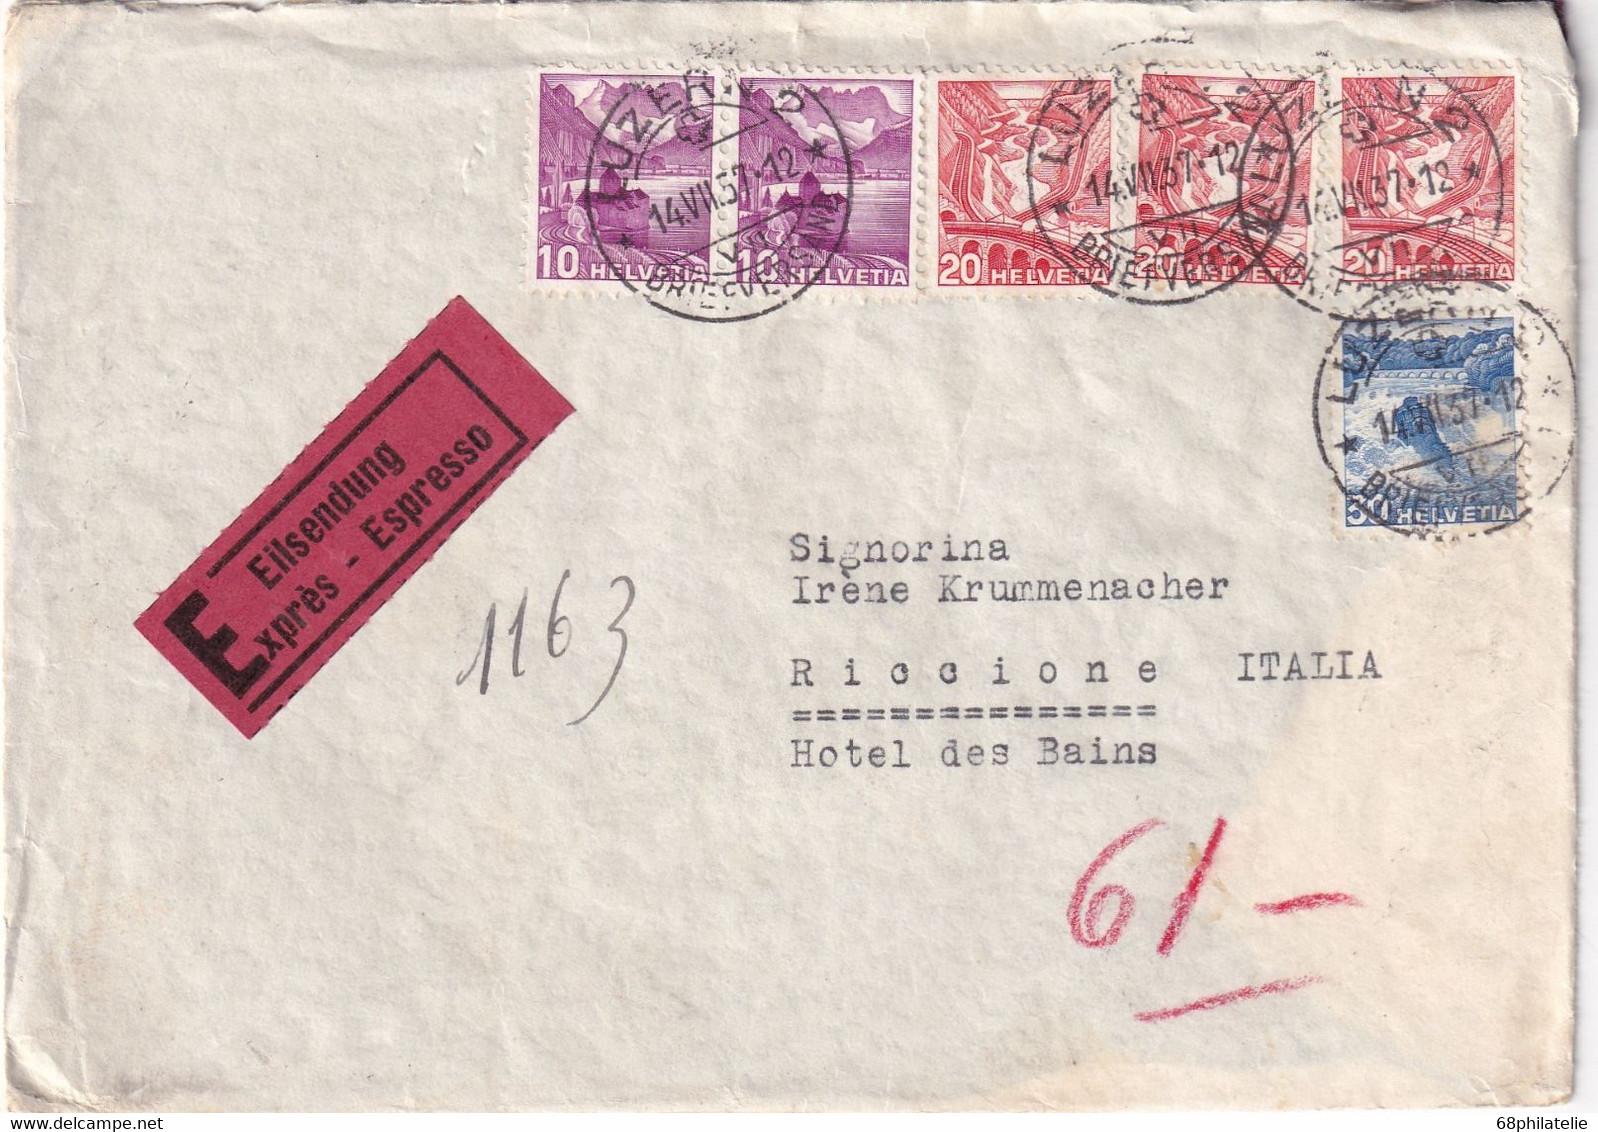 SUISSE 1937 LETTRE EXPRES DE LUZERN - Covers & Documents